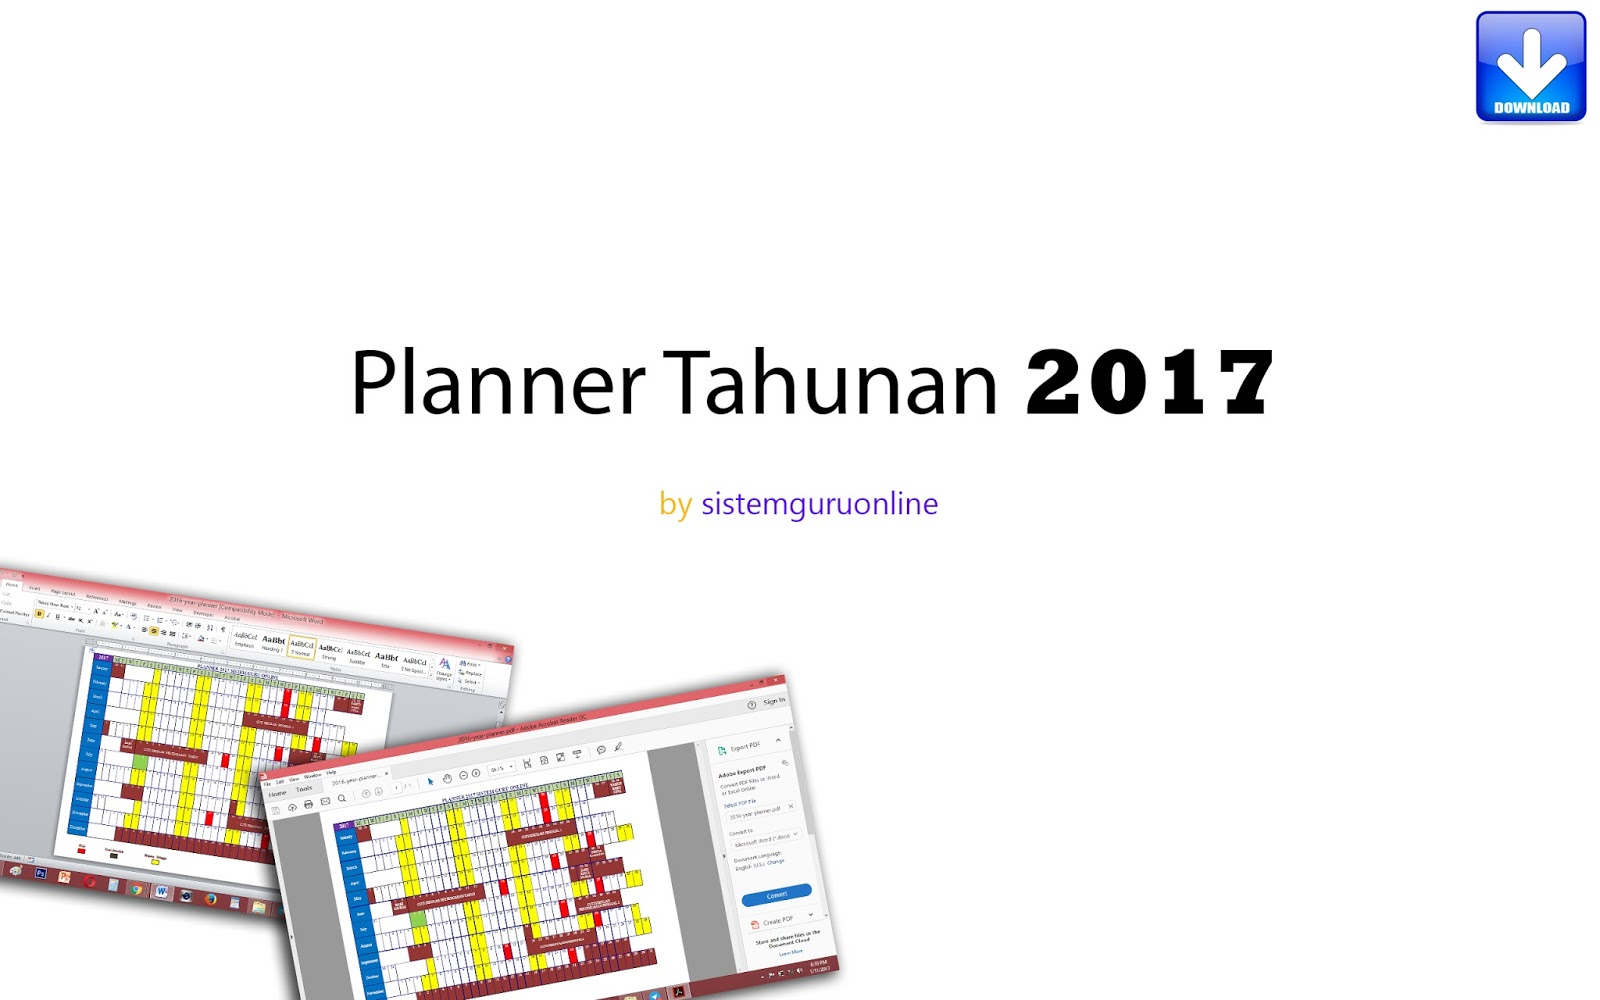 Planner tahunan bagi tahun 2017